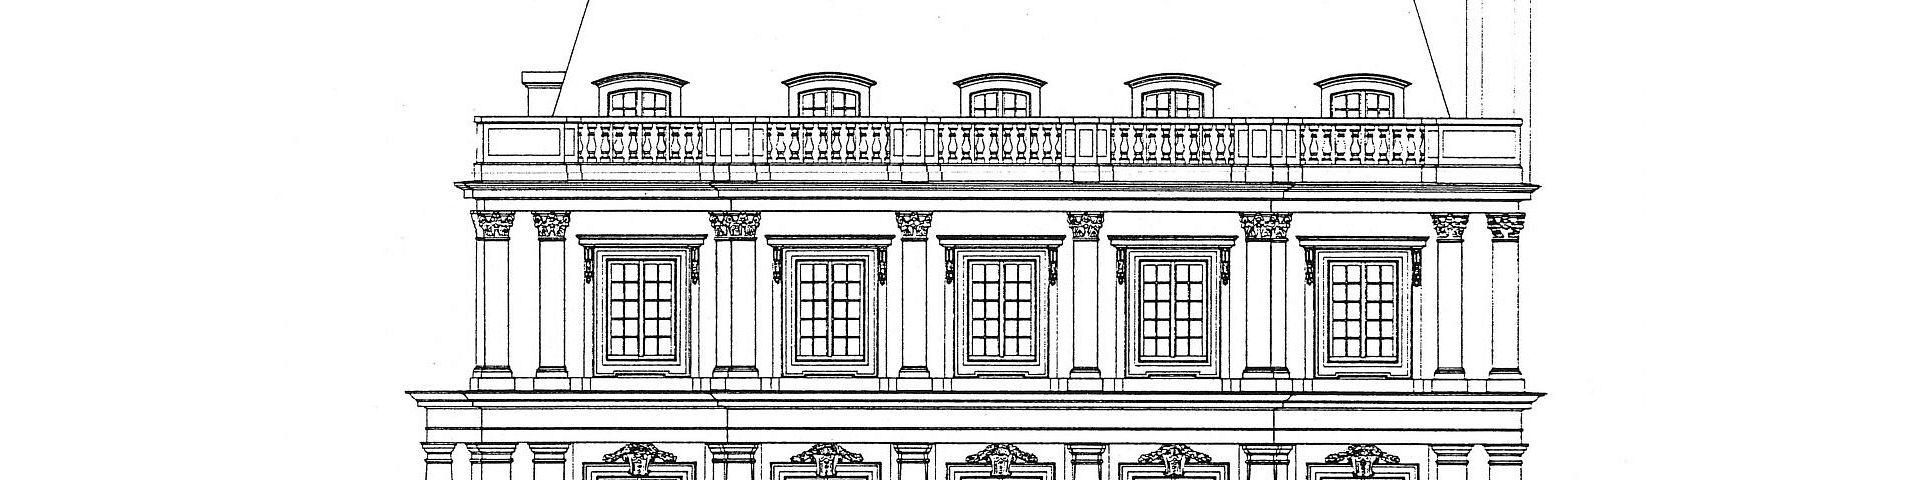 Fontainebleau - Palais impérial (77)